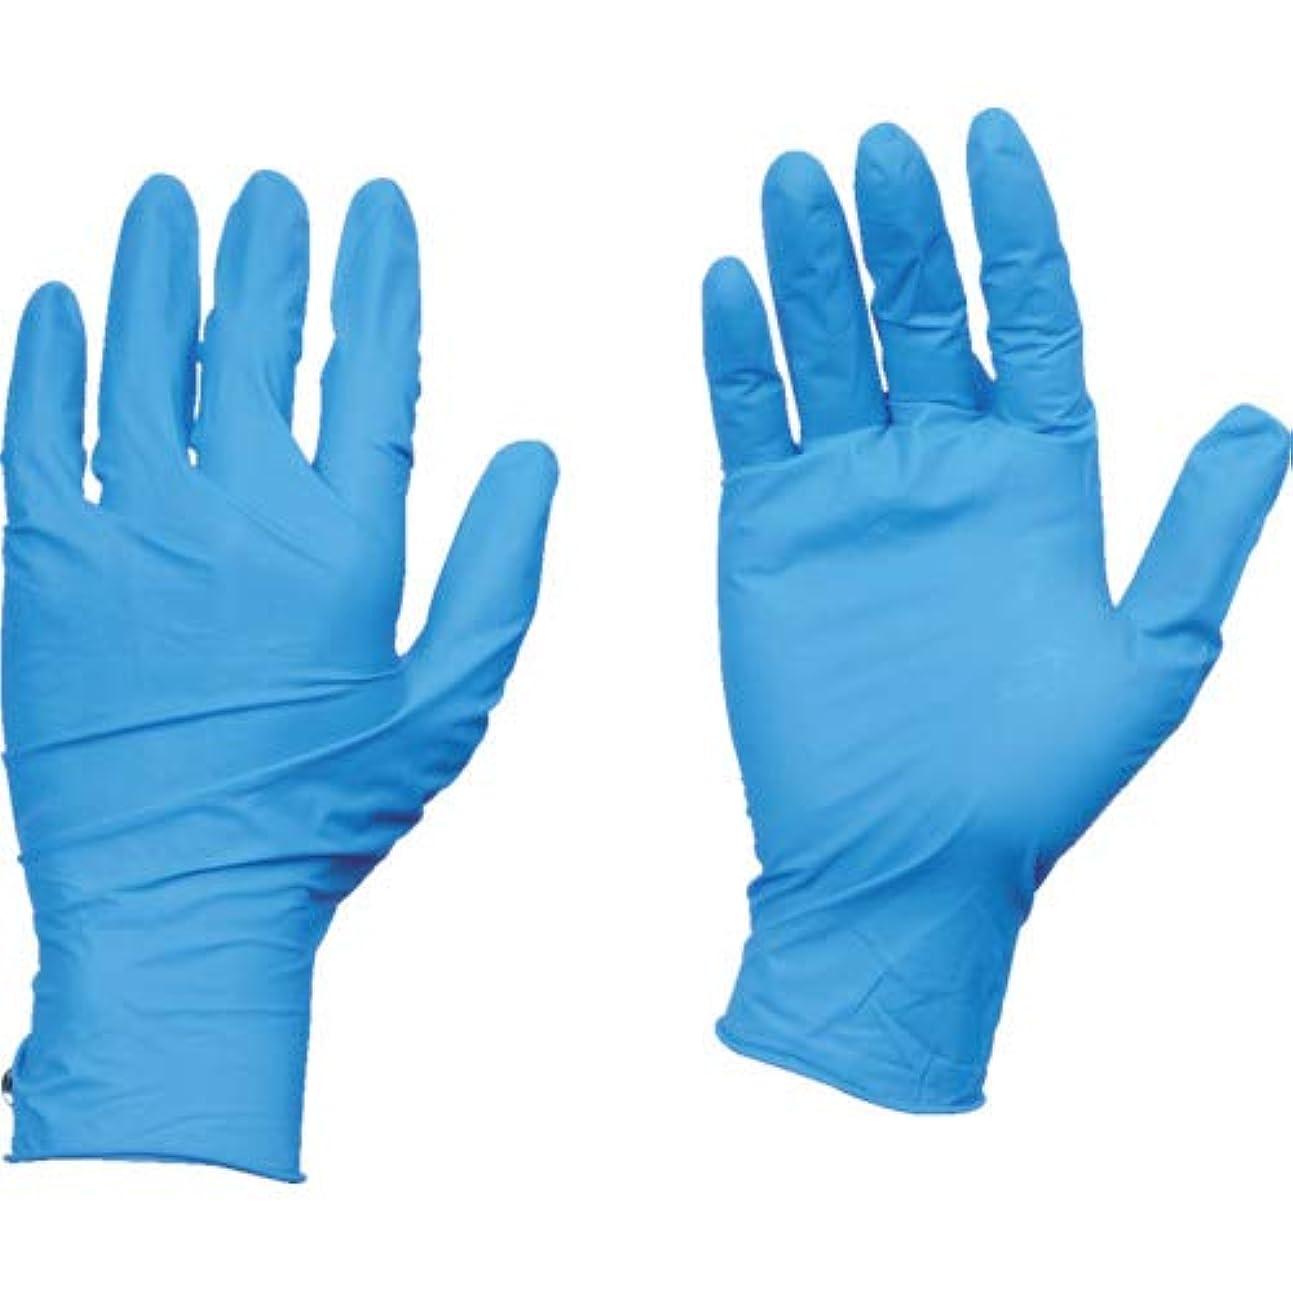 郵便局ジョリーエミュレートするTRUSCO(トラスコ) 10箱入り 使い捨て天然ゴム手袋TGワーク 0.10 粉付青M TGPL10BM10C